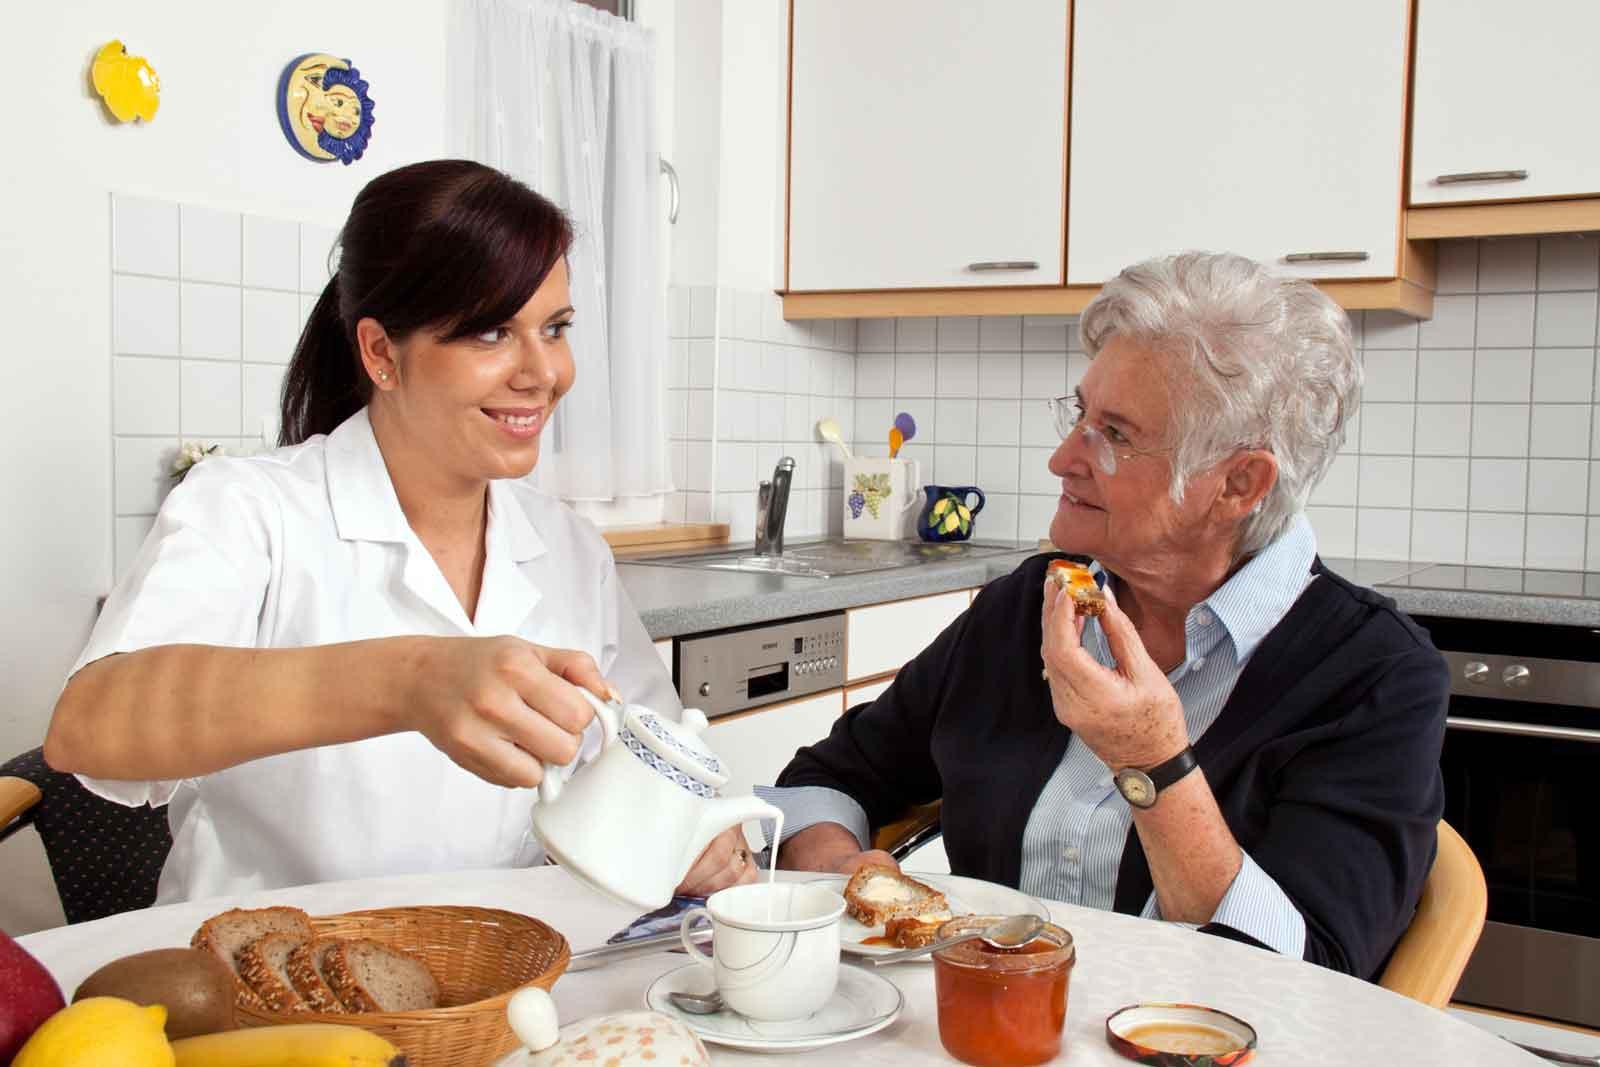 nurse-helps-elderly-woman-at-breakfast-l